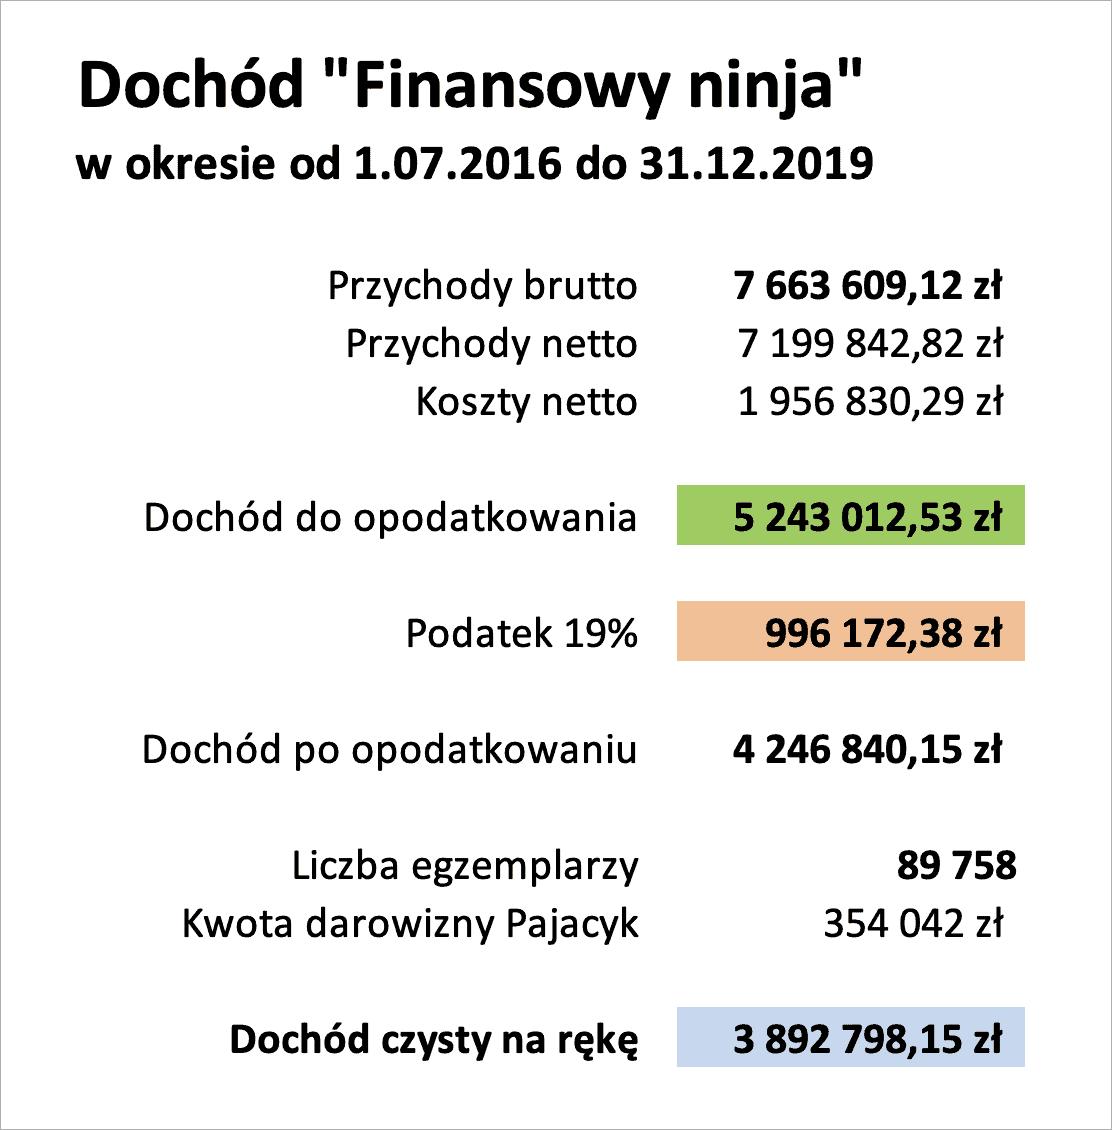 Wyniki Finansowy ninja